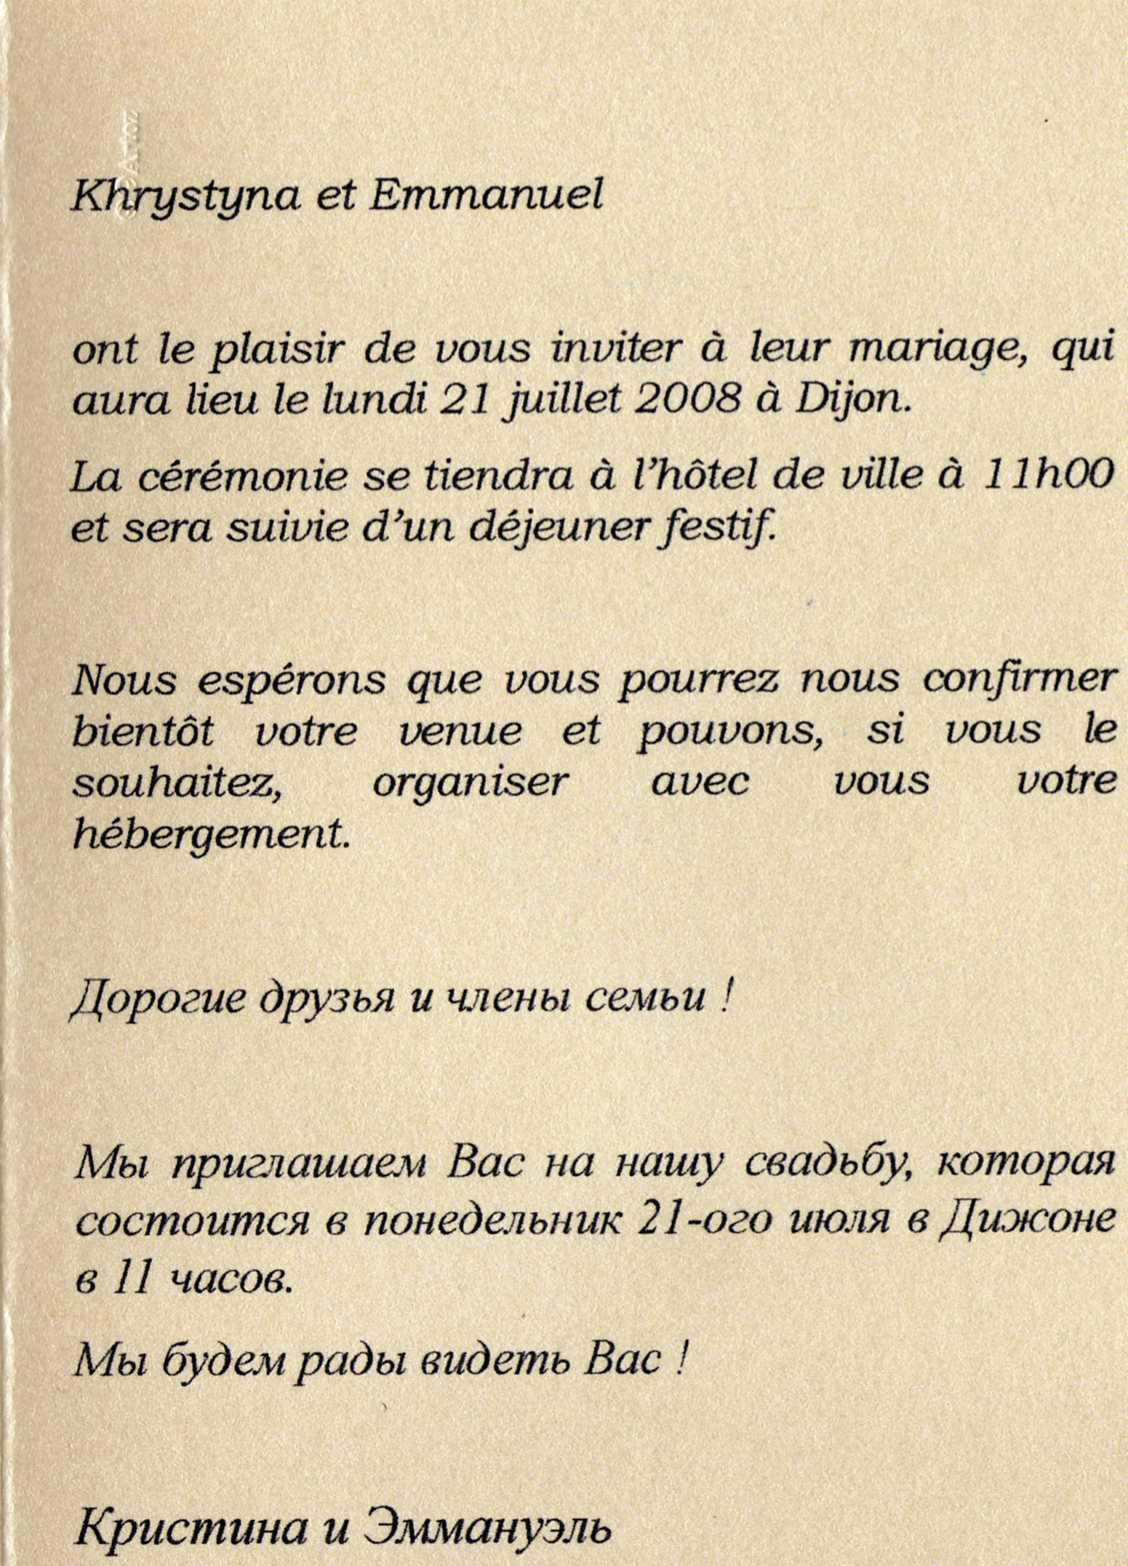 mariagemanu2.jpg